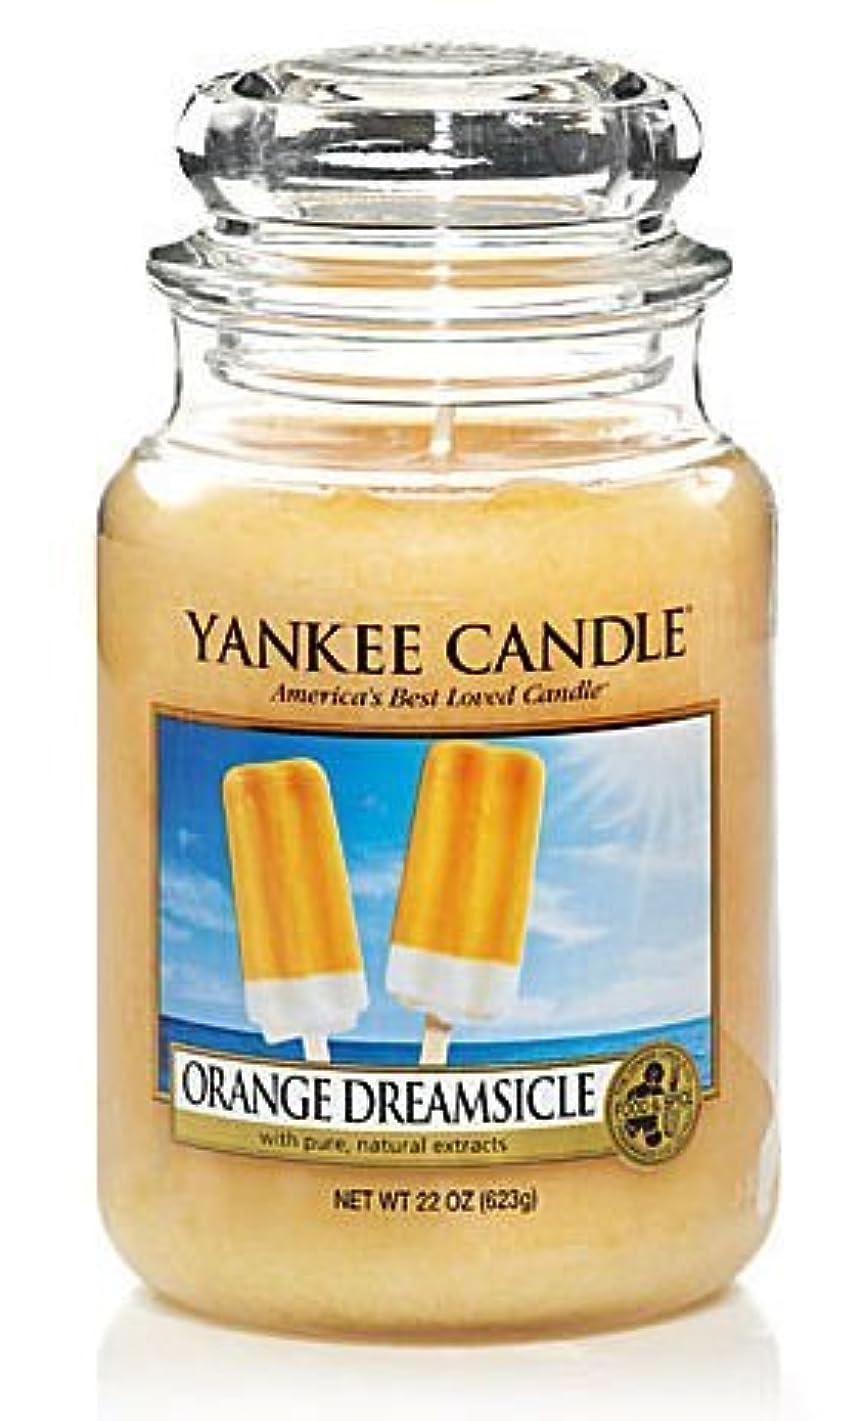 レビュー調停するフィールドYankee Candle Orange Dreamsicle Large Jar Candle, Food & Spice Scent by Yankee Candle [並行輸入品]